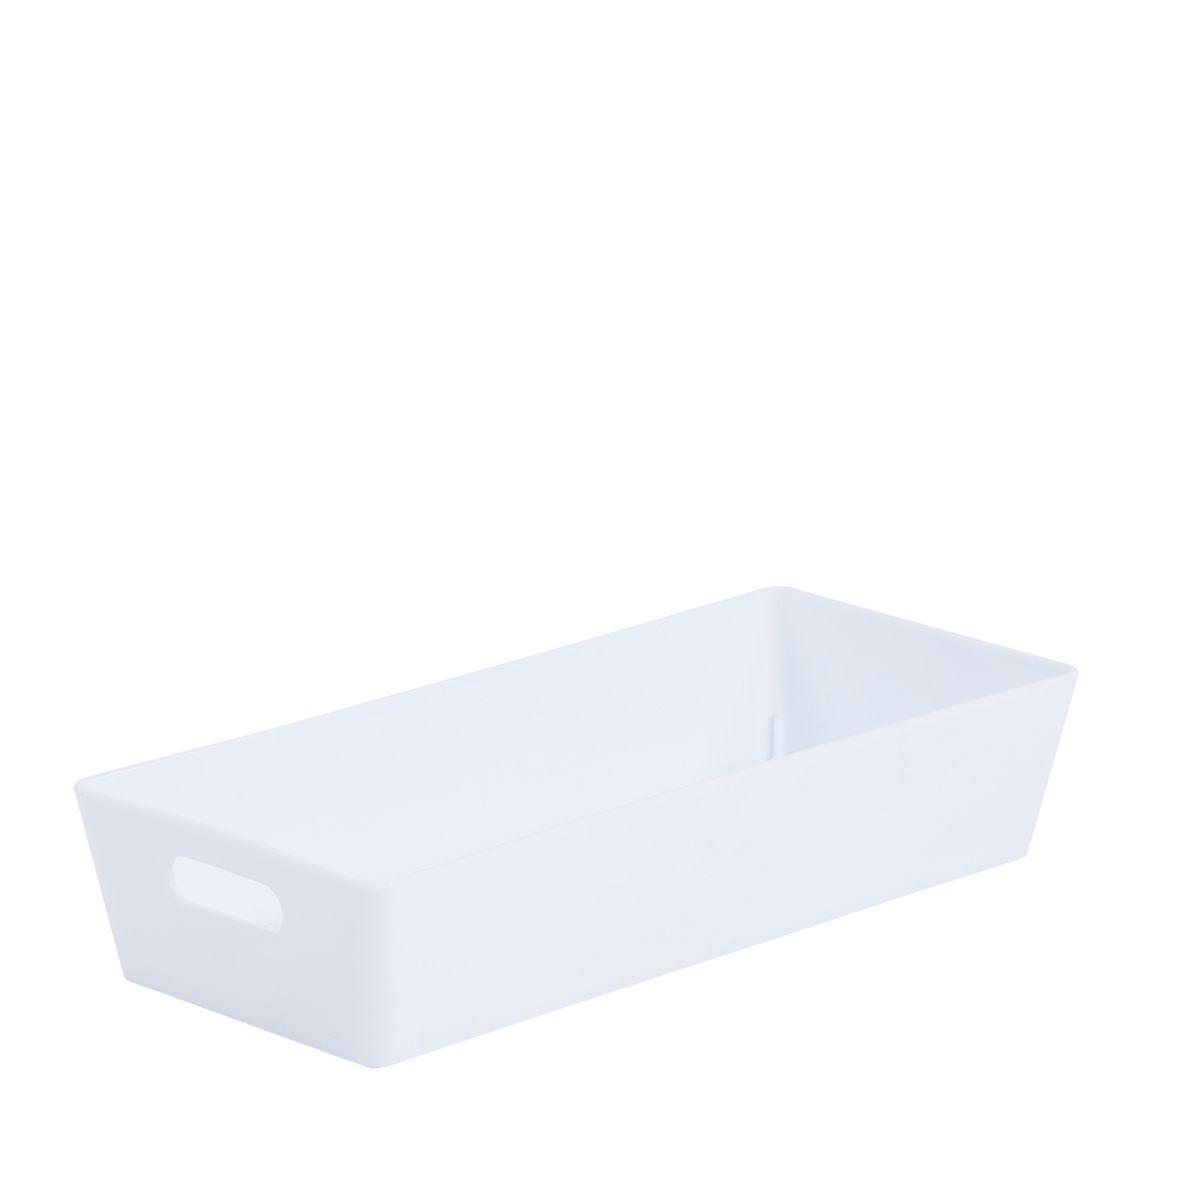 Wham Rectangular Studio Store Basket 2.01 - Ice White